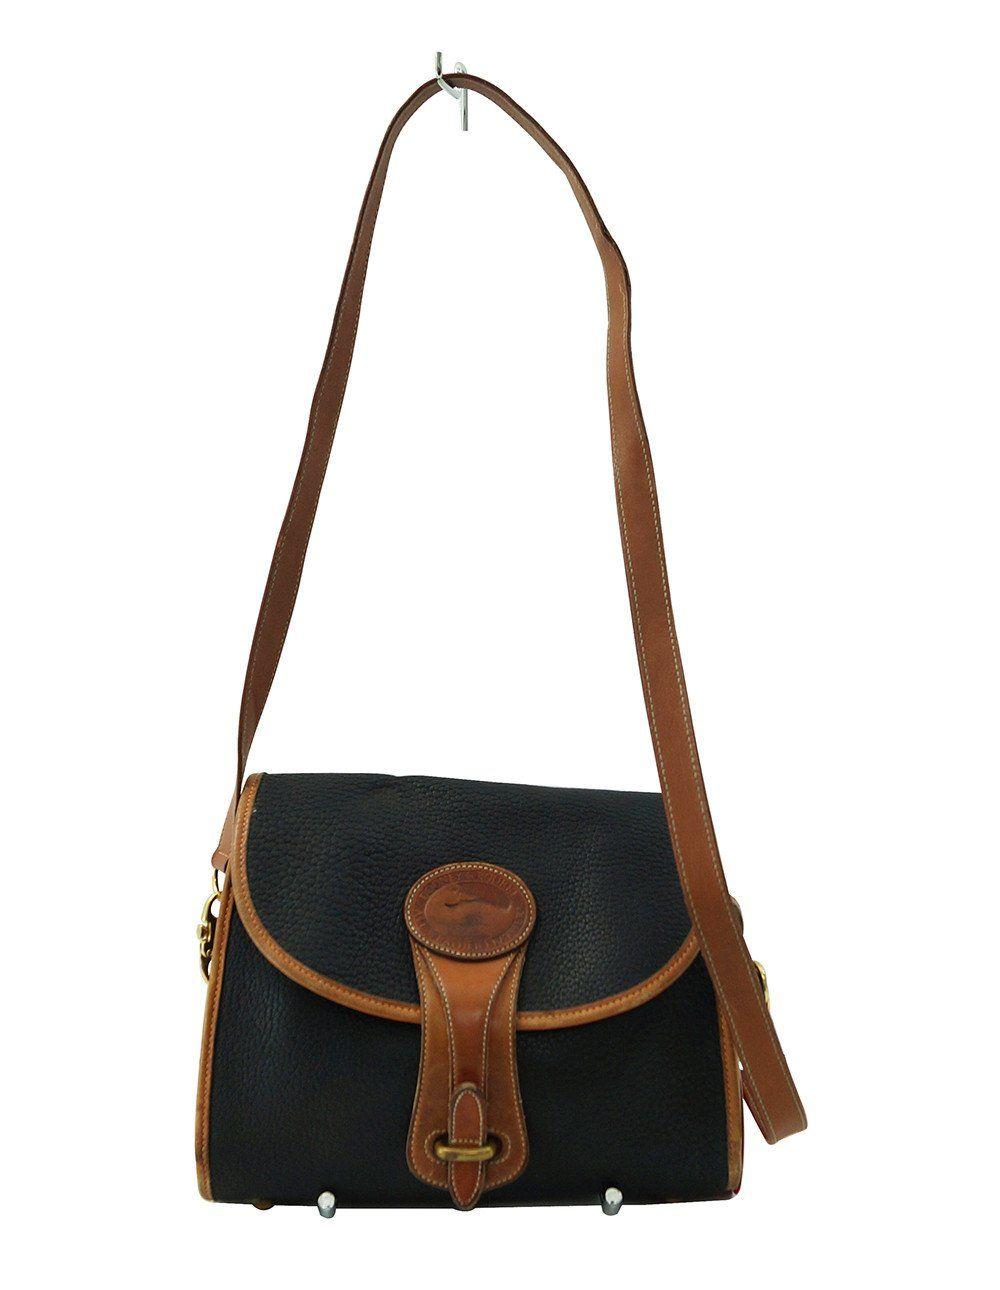 30/% The Outback Bag 15 Colors Handbag Original Quality Leather For Women